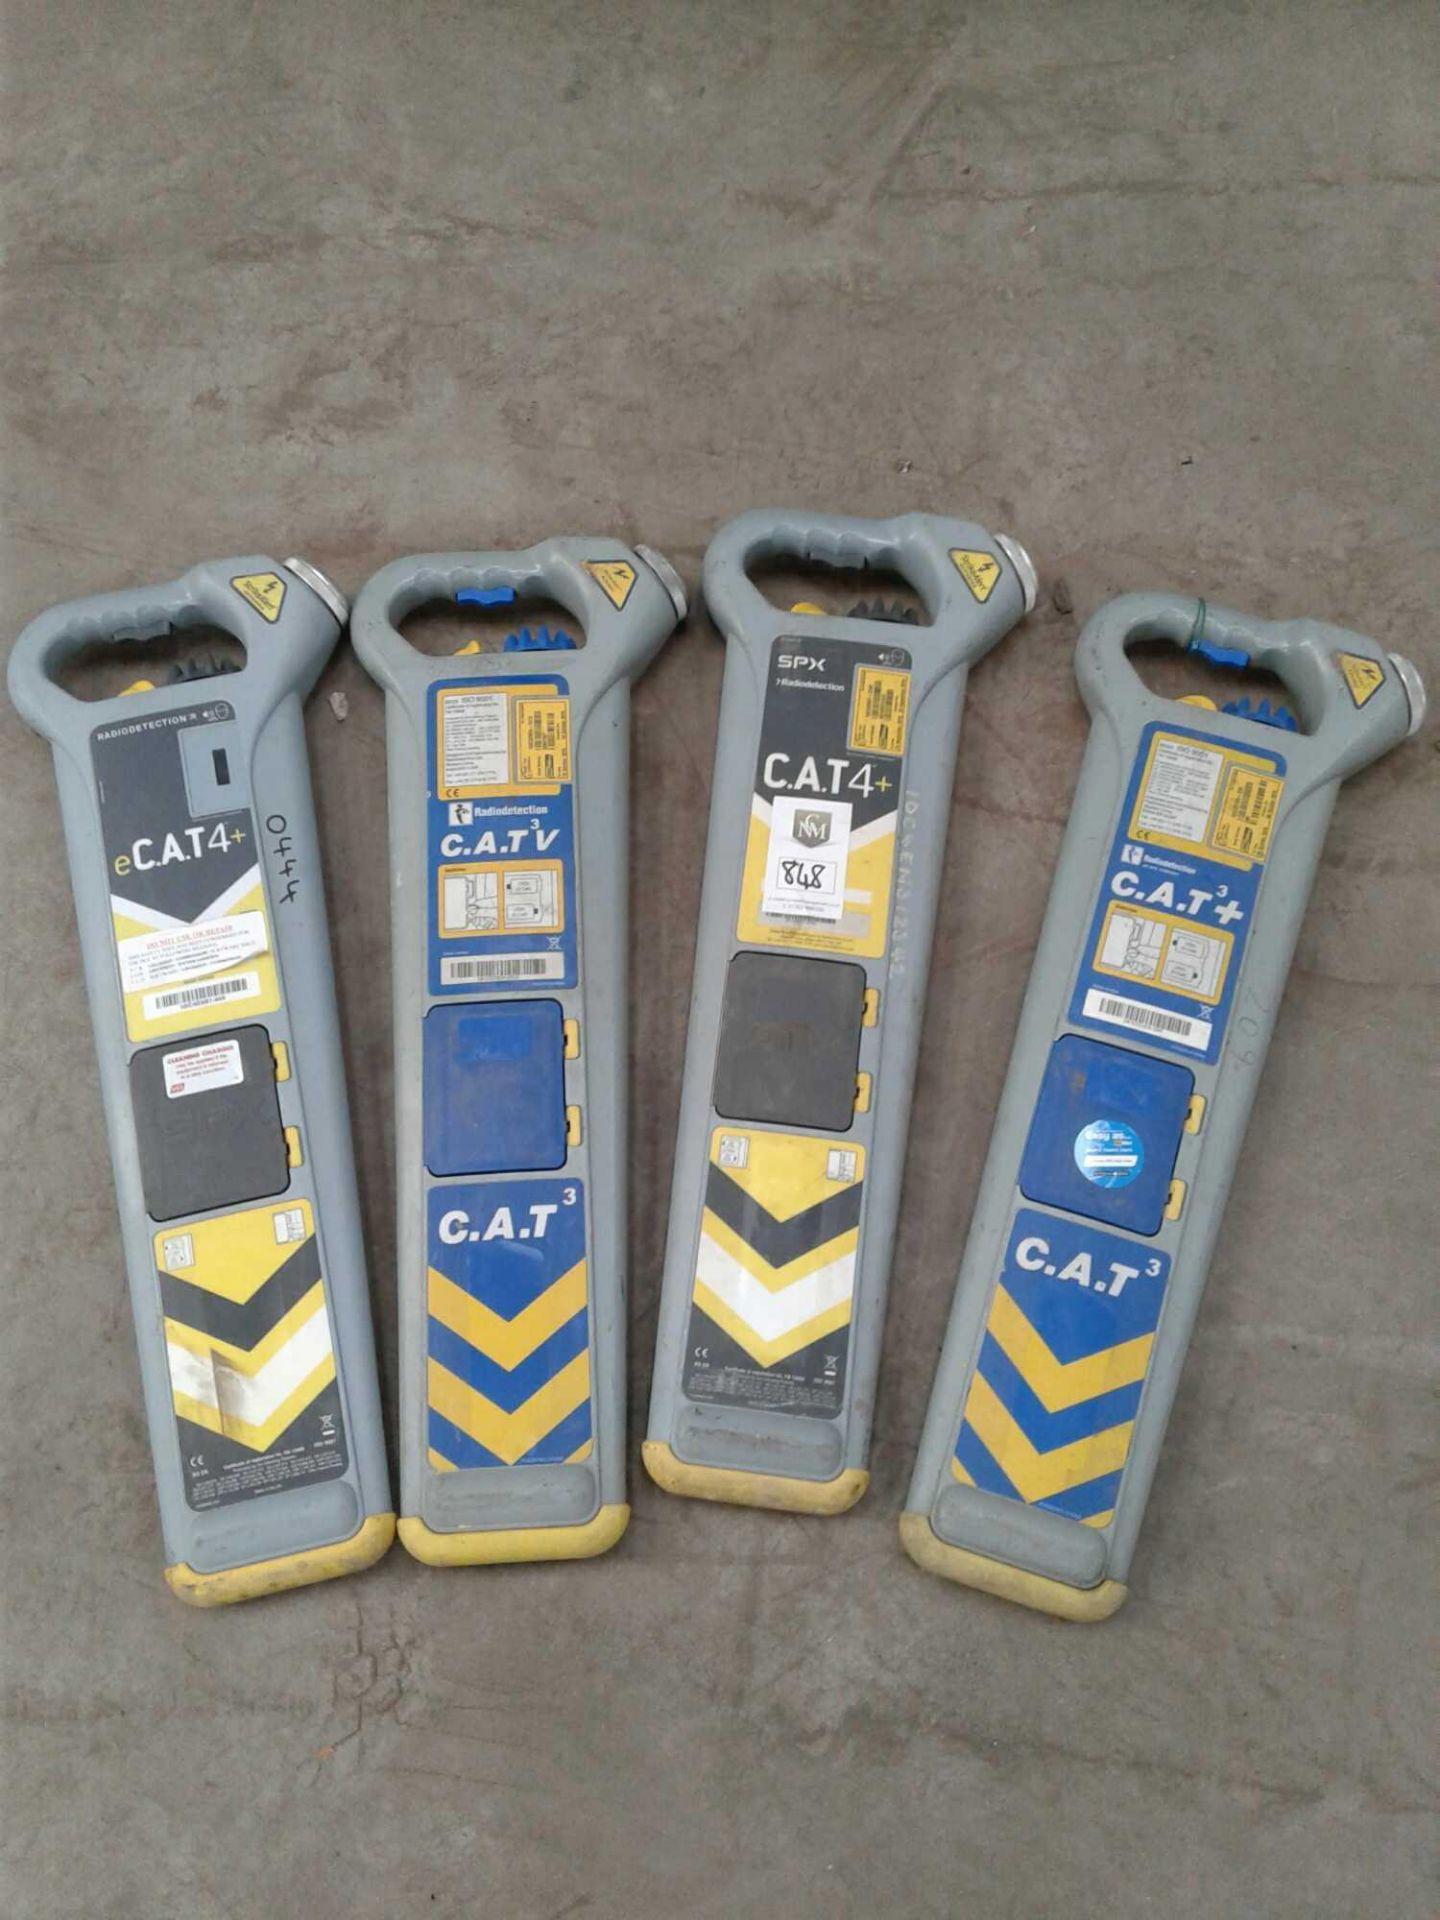 Lot 848 - 4 x cable locators